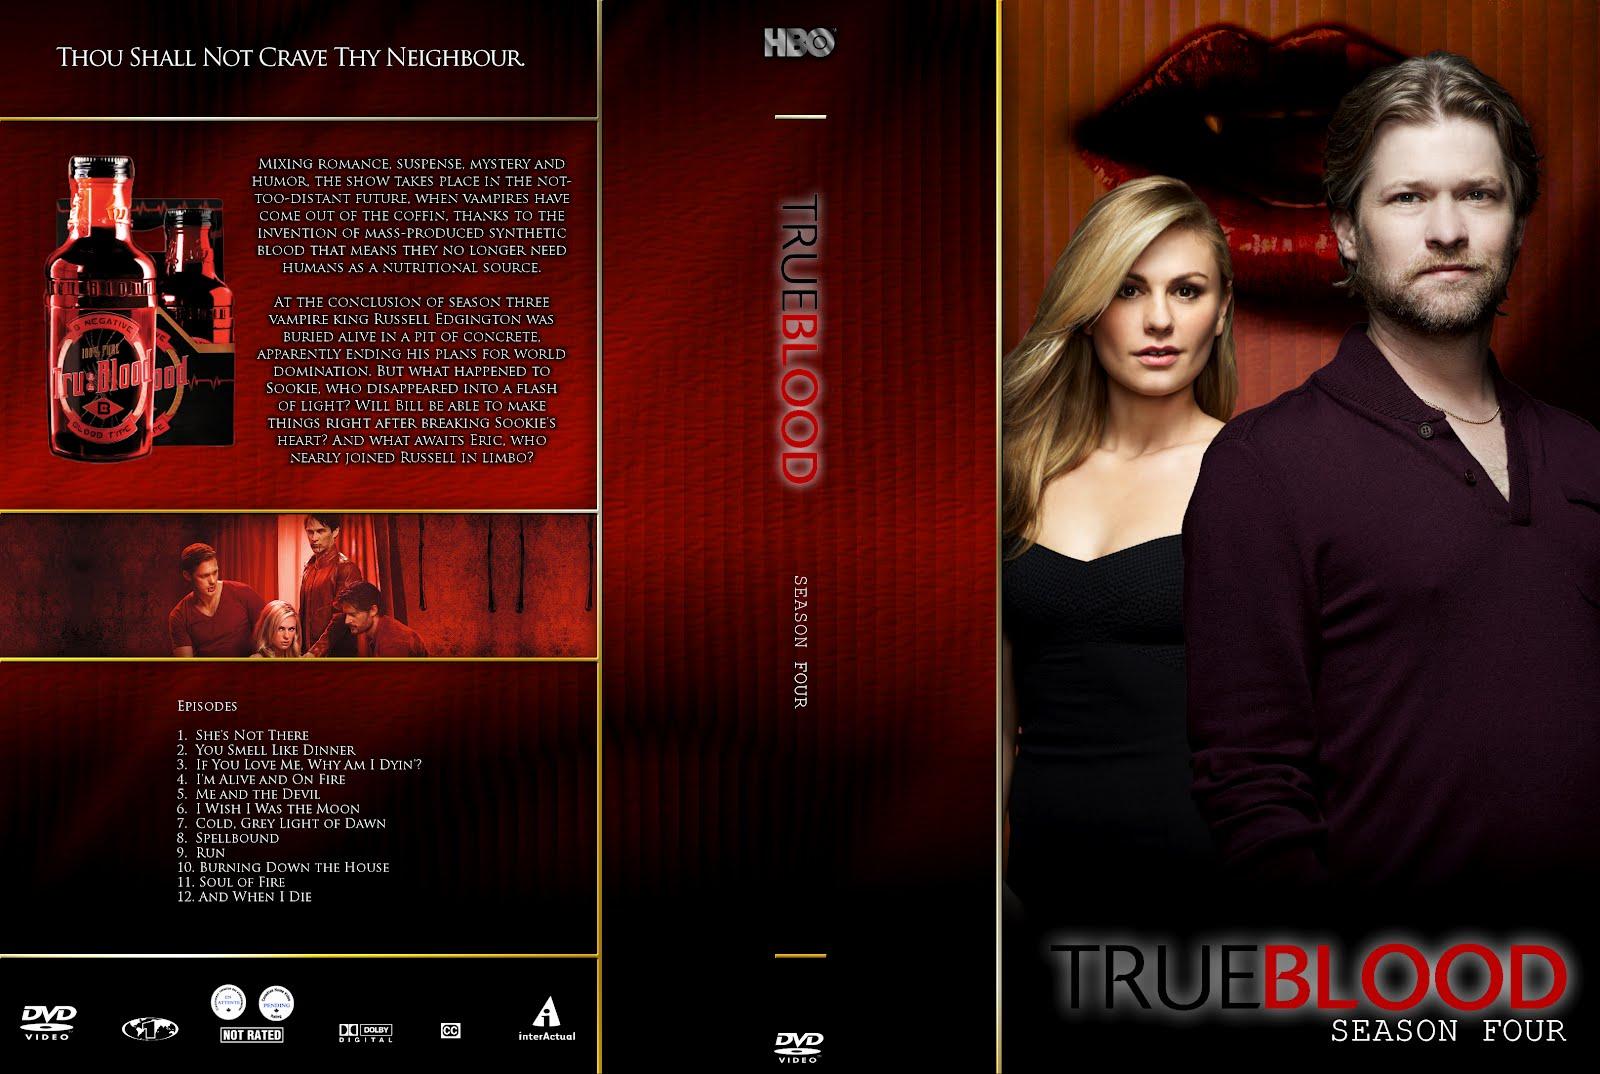 true blood season 1 episodes download